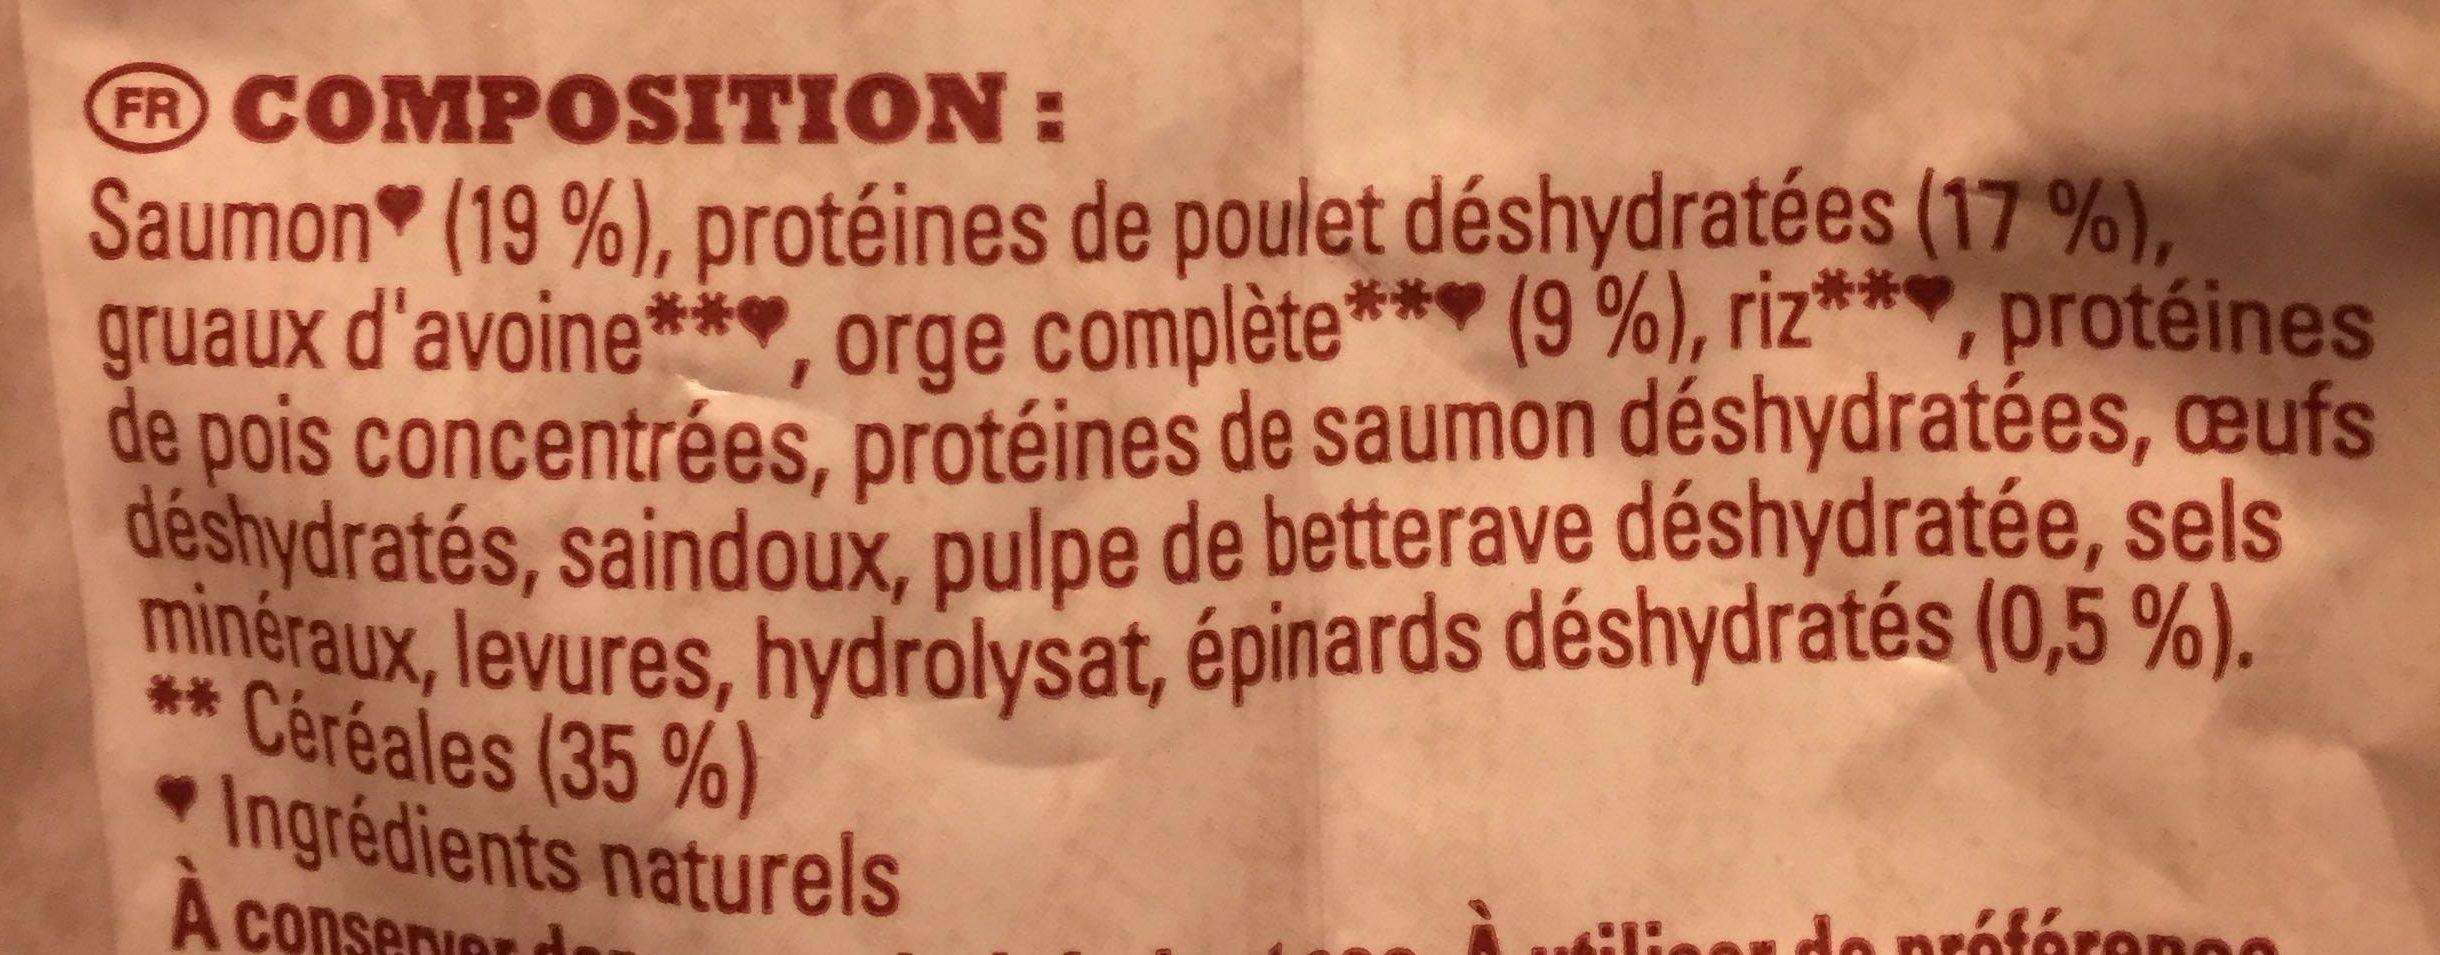 Croquettes saumon et orge complète - Ingredients - fr